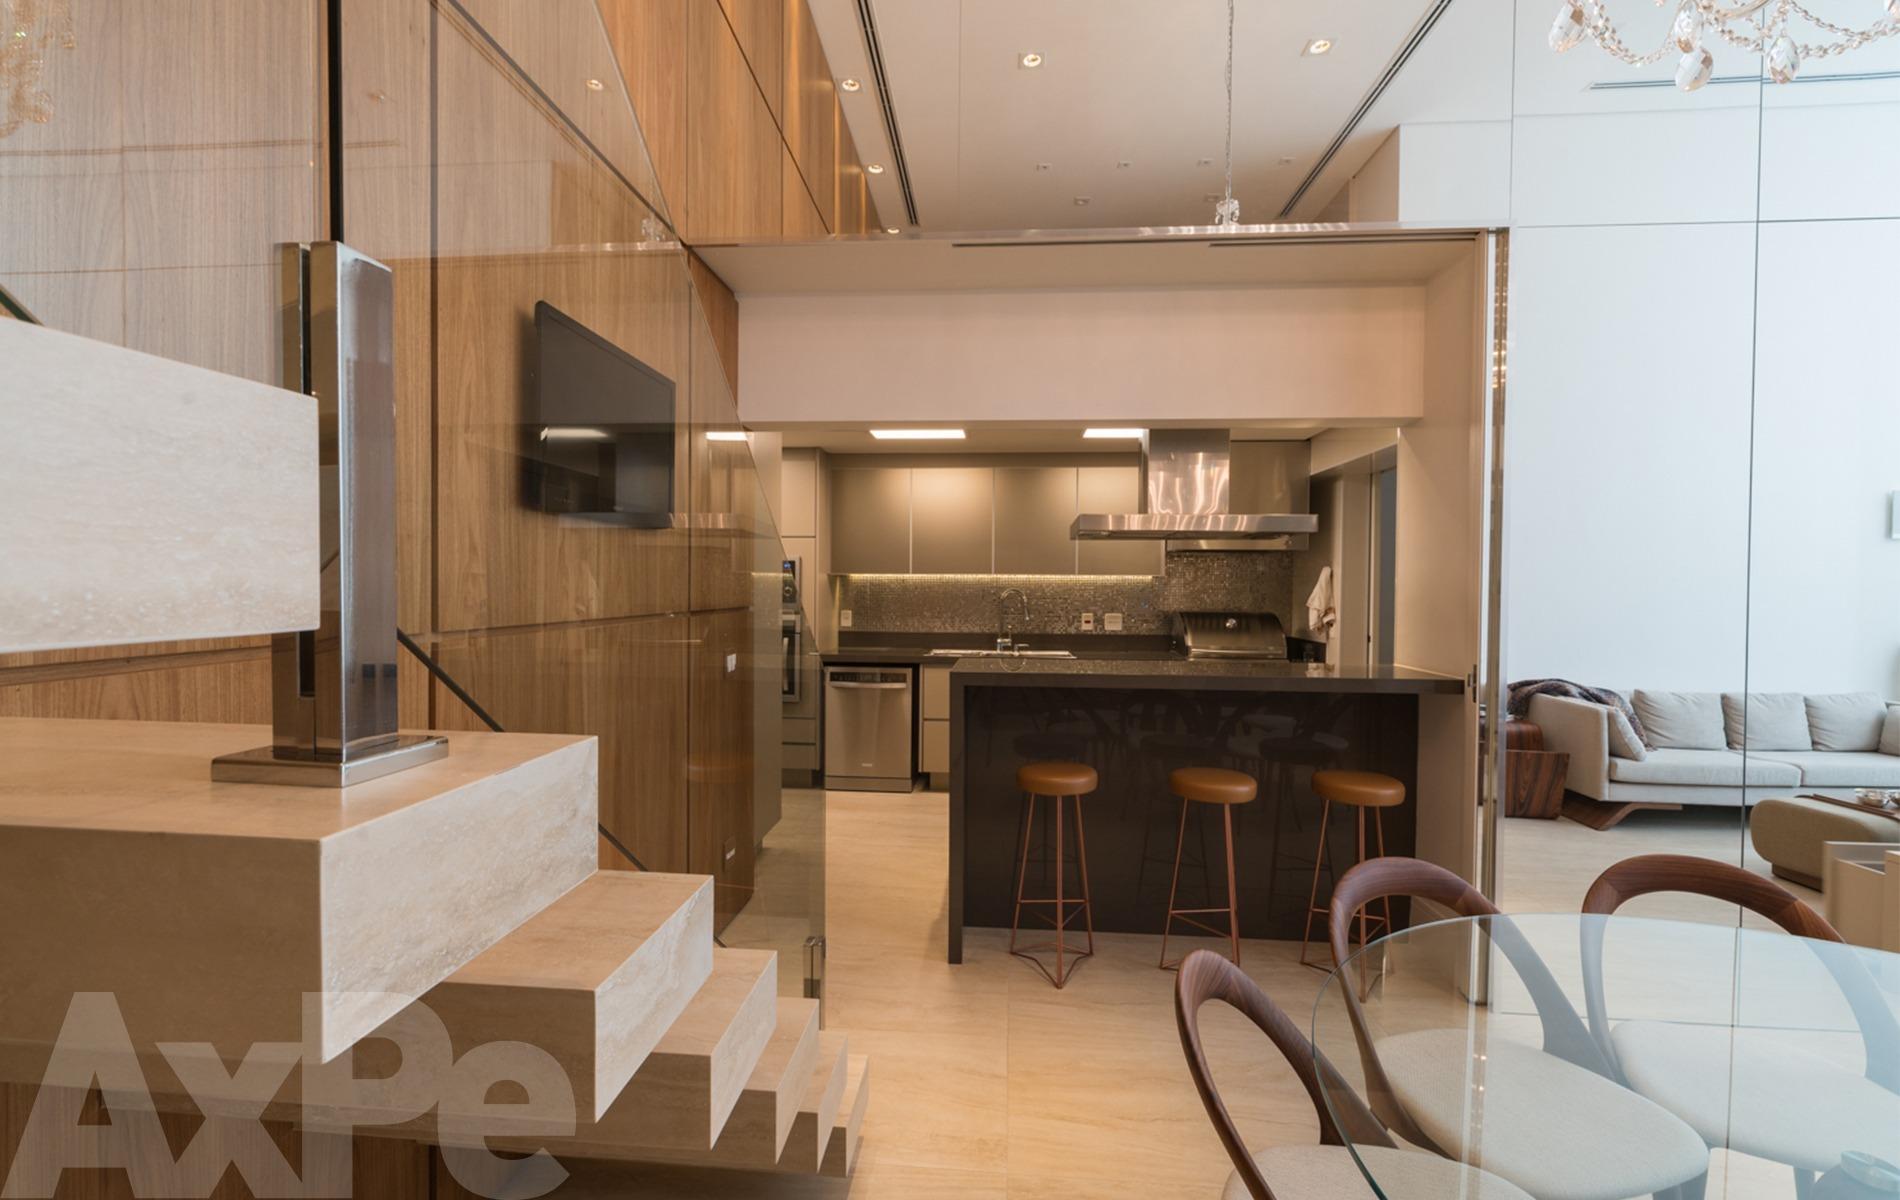 Axpe Apartamento - AX140628